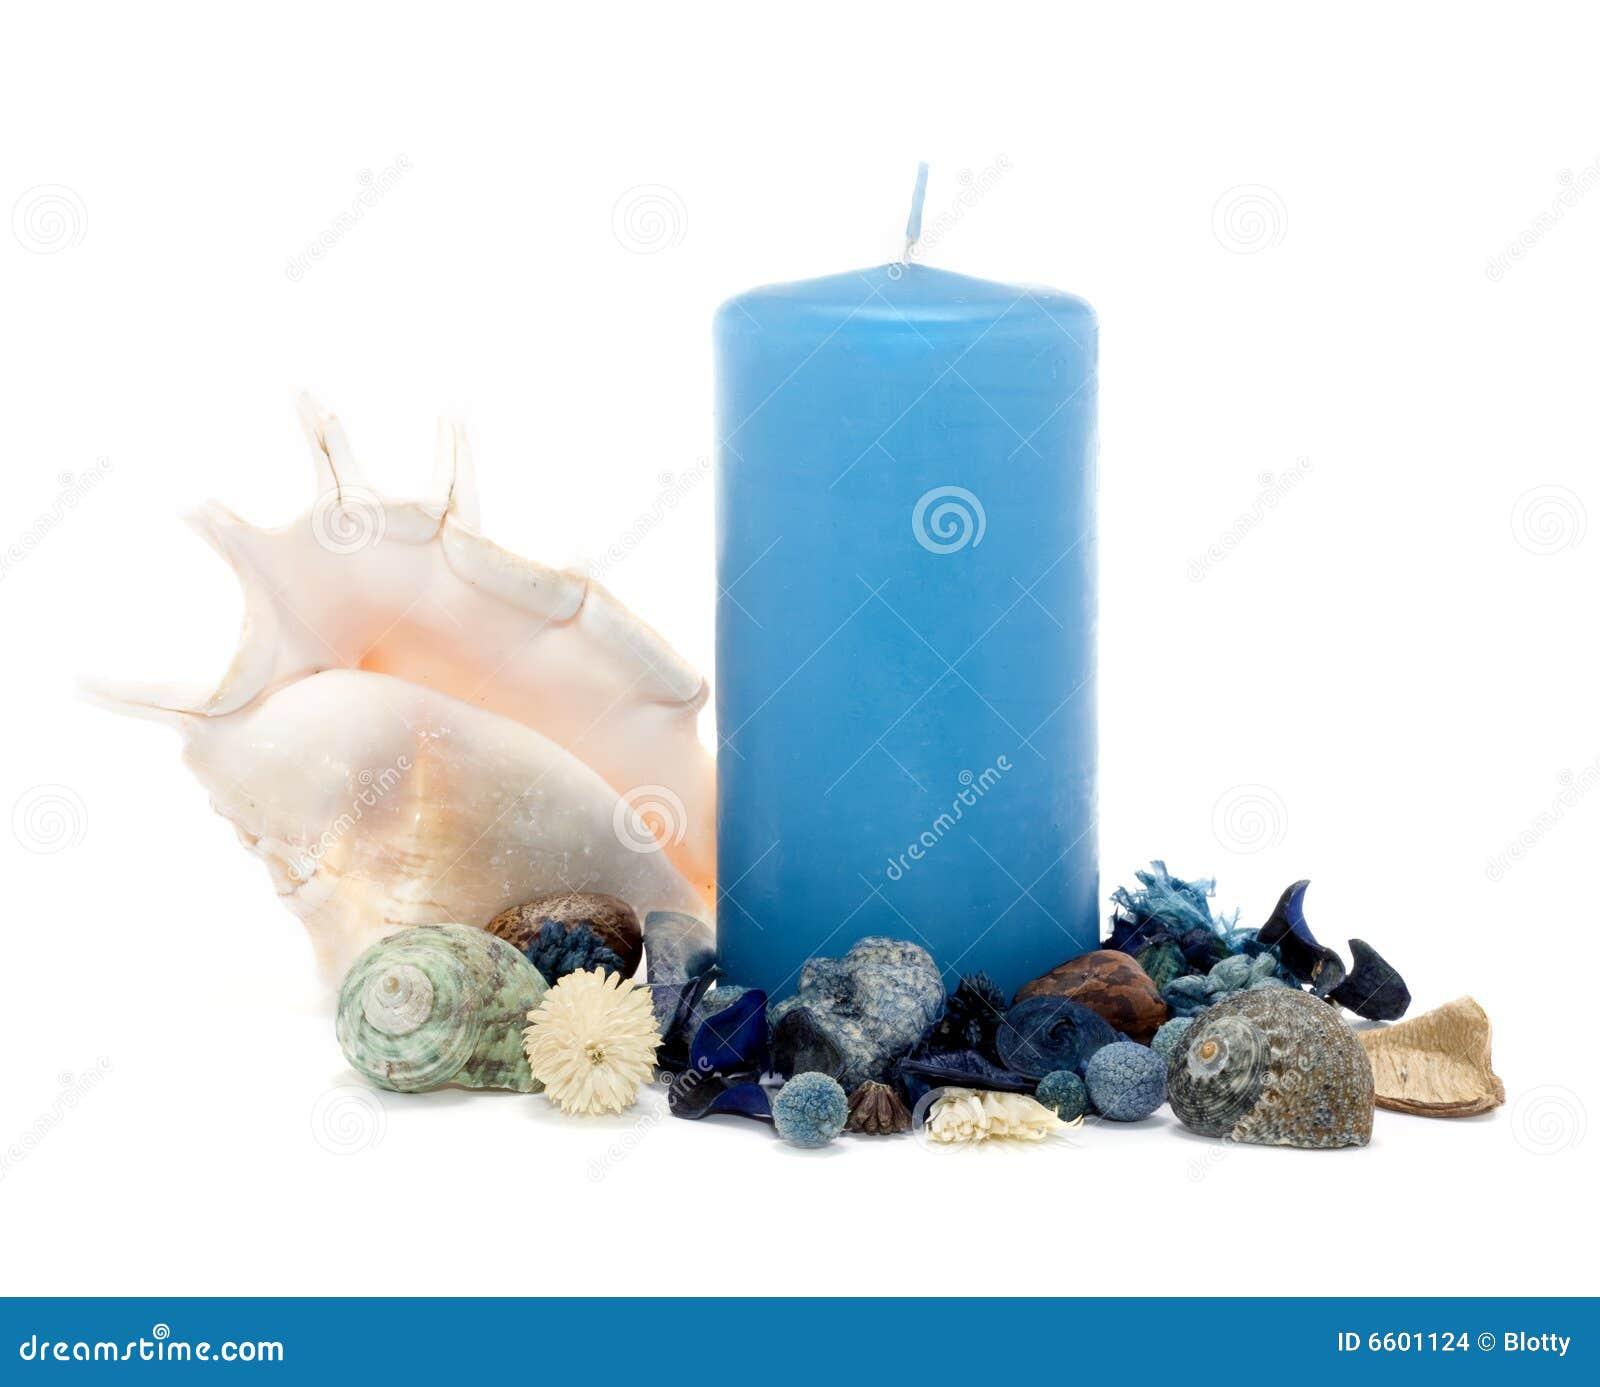 Blauwe kaars met decoratie stock afbeeldingen afbeelding 6601124 - Blauwe turquoise decoratie ...